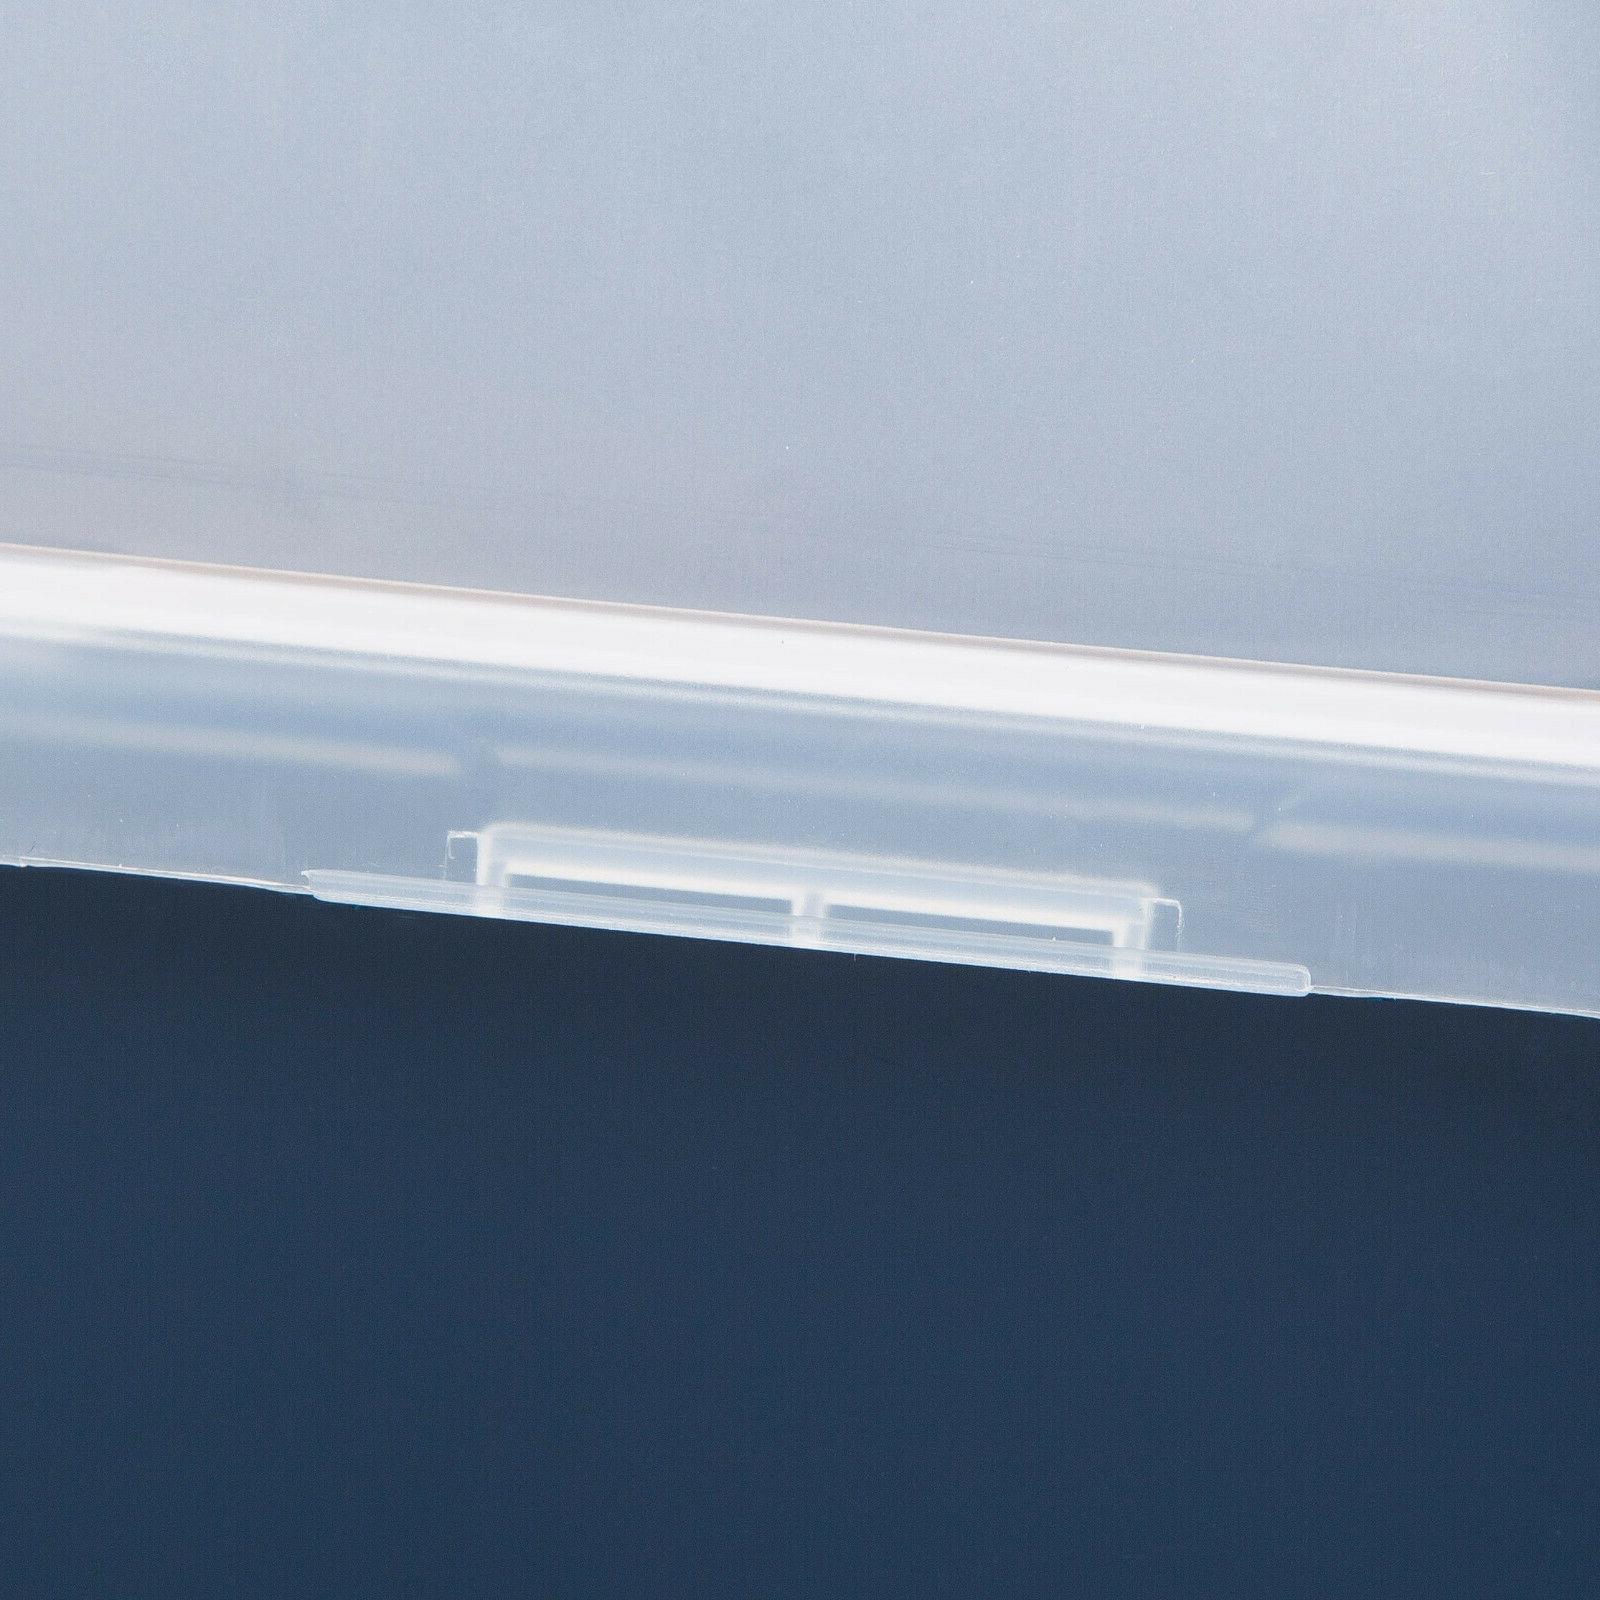 IRIS Open-Top Litter Box With Regular, Navy